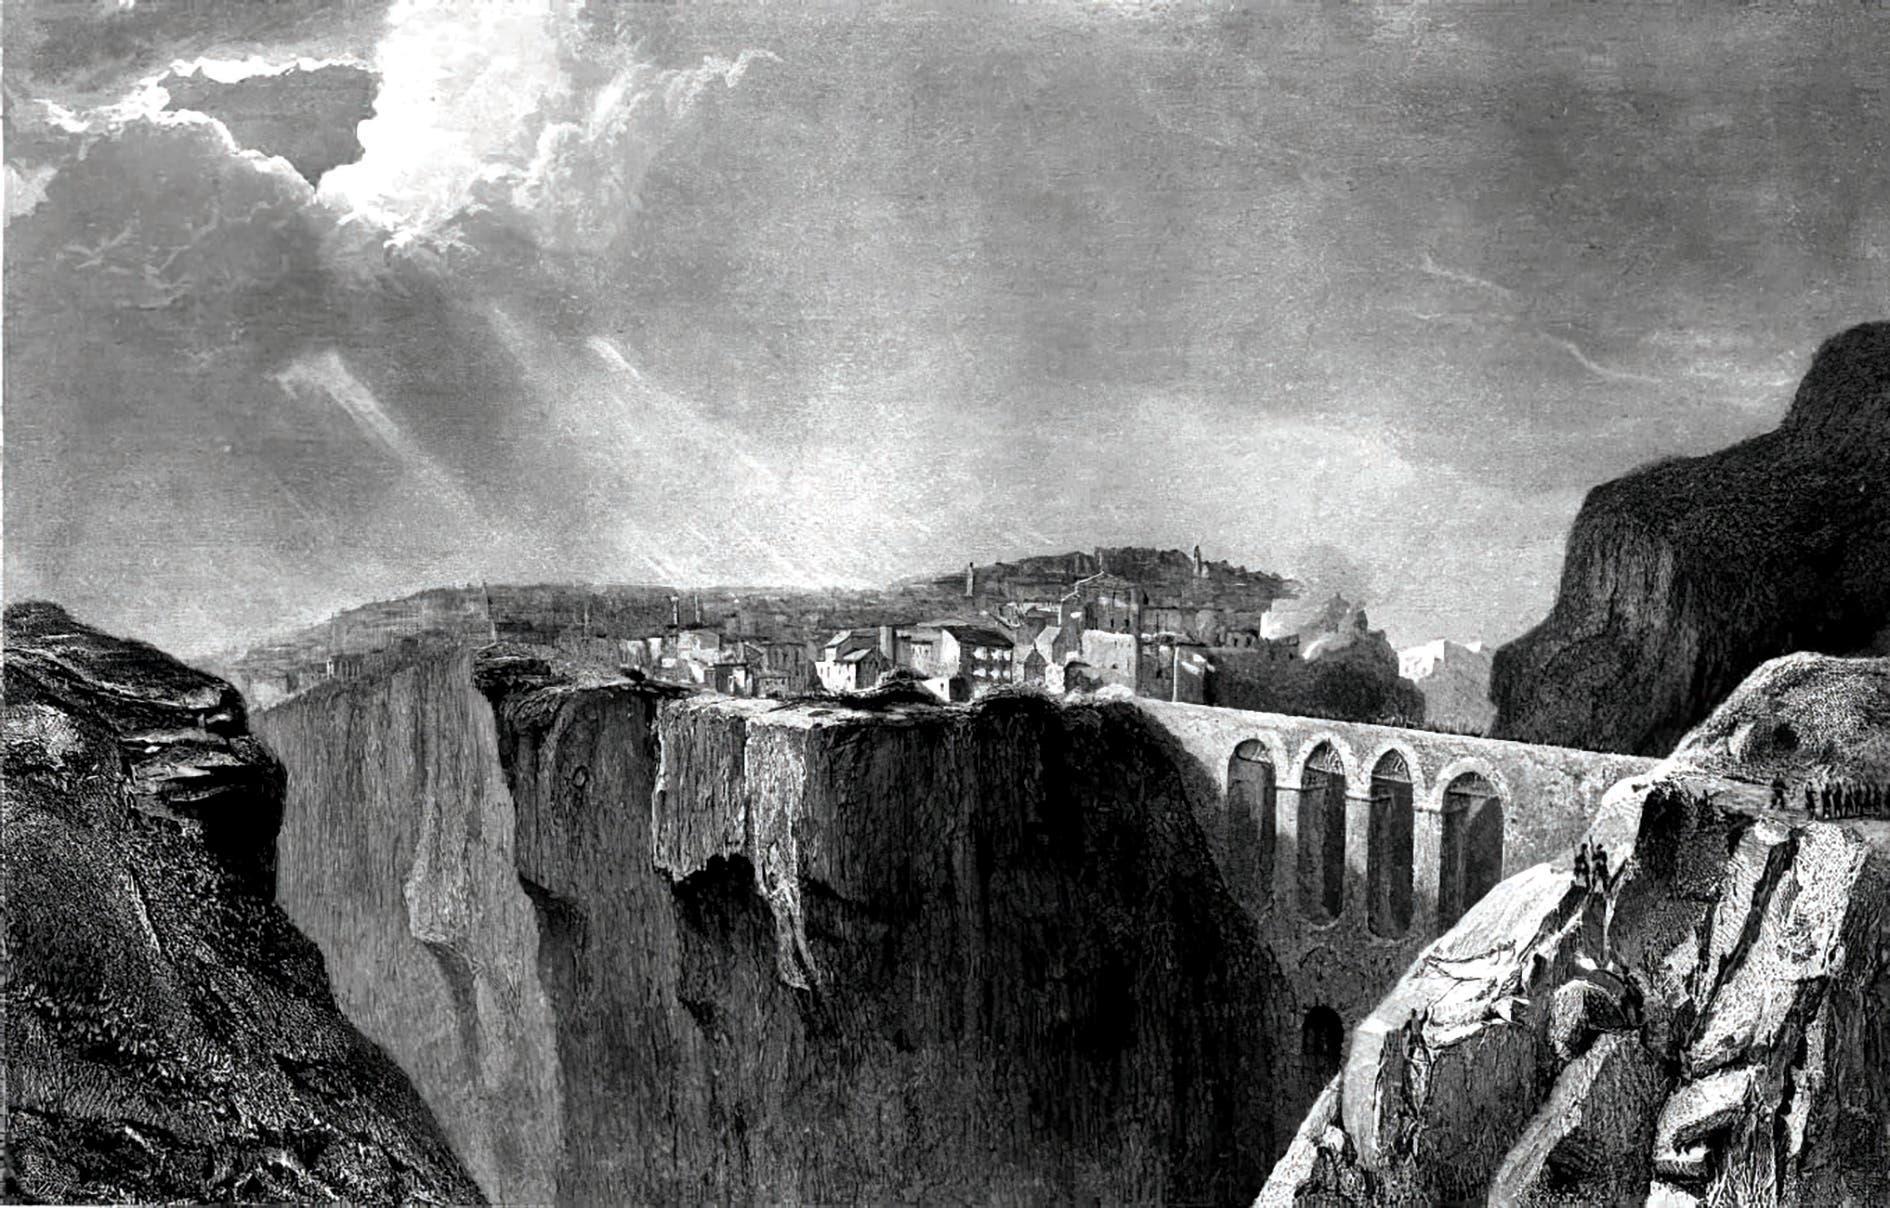 منظر لمدينة قسنطينة، رسم طباعي (حفر) عام 1836م، من موقع: قسنطينة أمس واليوم